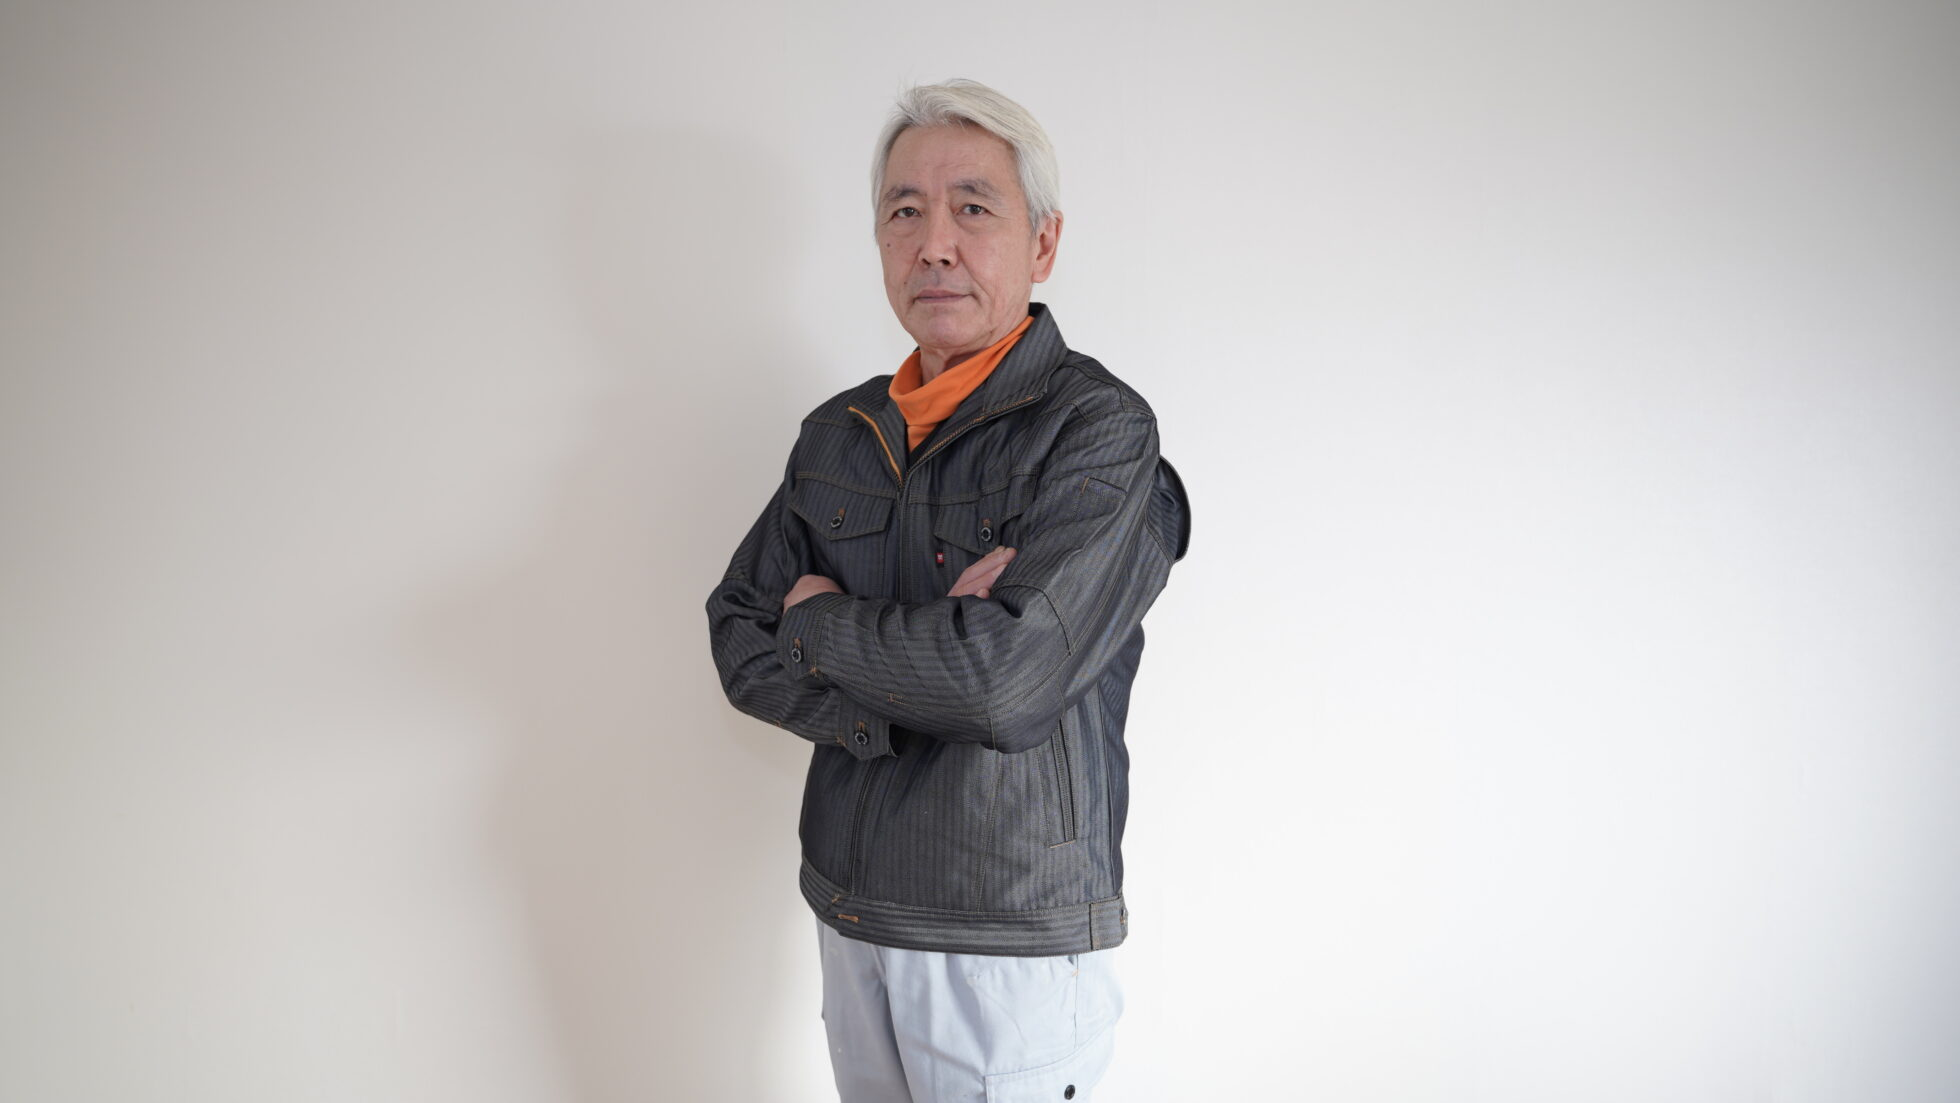 「江口 博明(えぐち ひろあき)」の顔写真